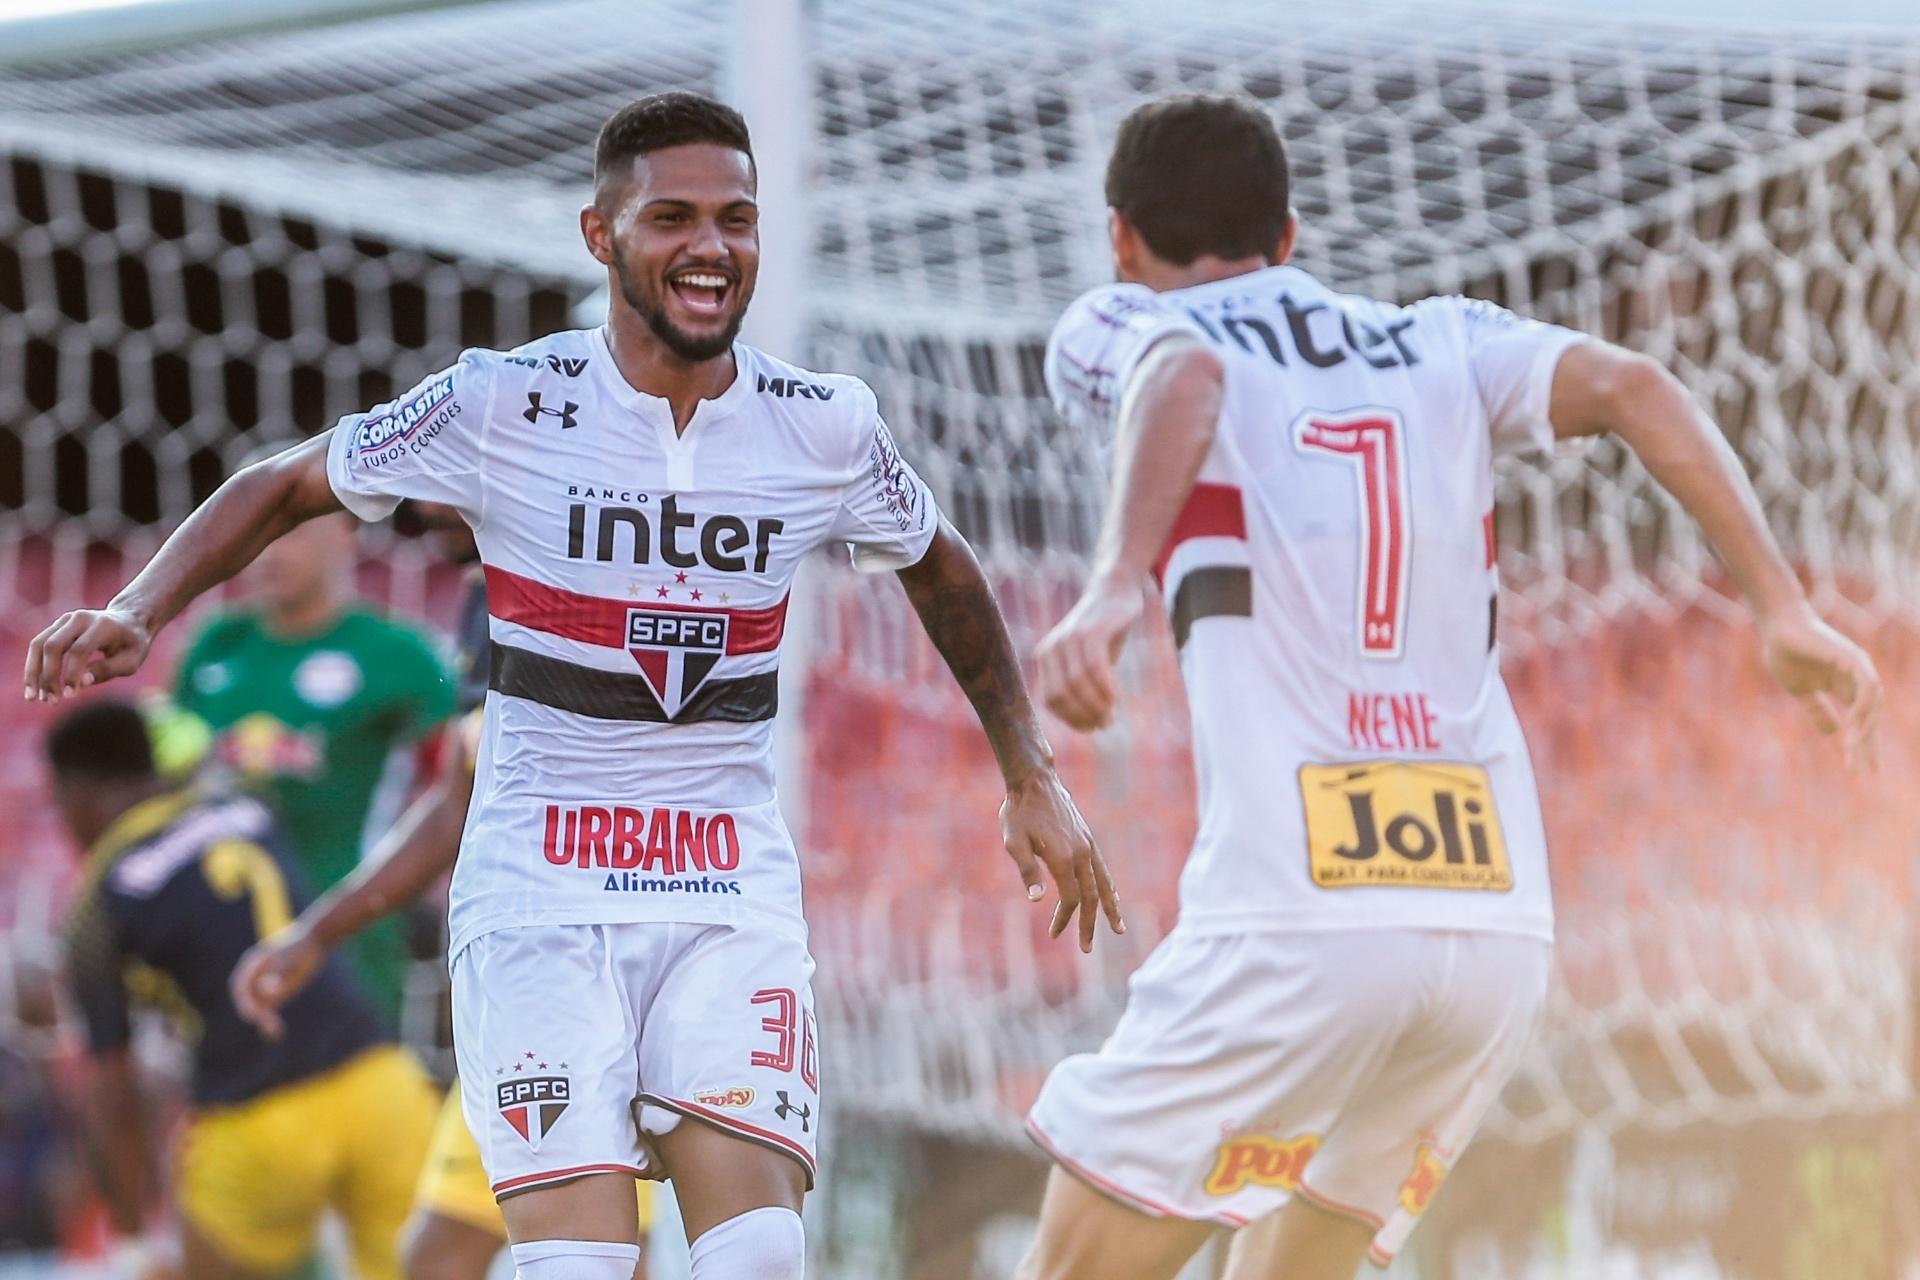 Caíque celebra pausa no Brasileiro e vê chance de buscar o seu espaço no SP  - 13 06 2018 - UOL Esporte 29e73ace49f8c